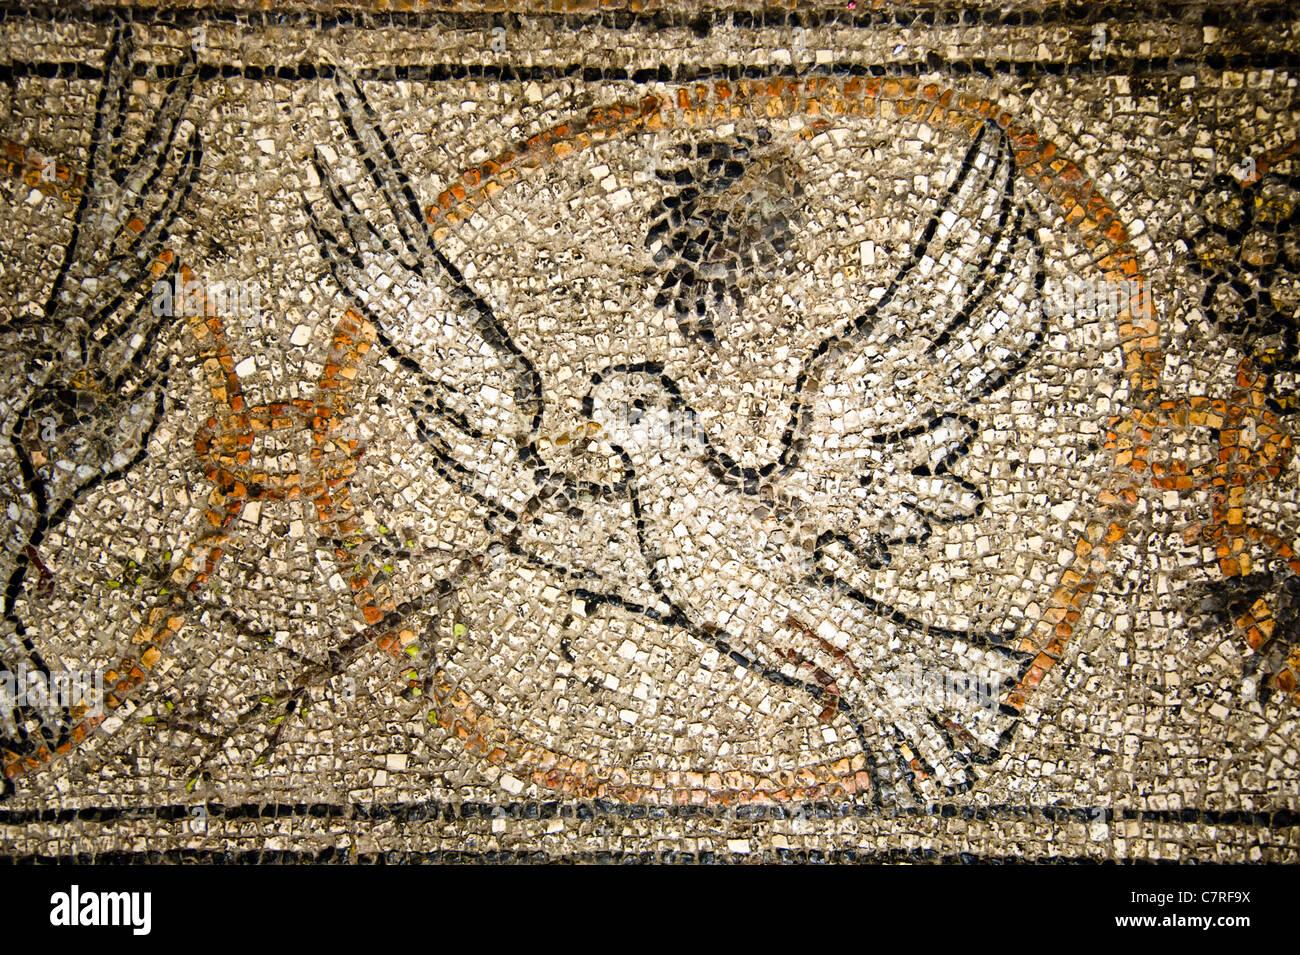 Mosaik einer Taube mit einem Olivenzweig auf dem Boden der Kirche des Heiligen Grabes, Jerusalem. Stockbild